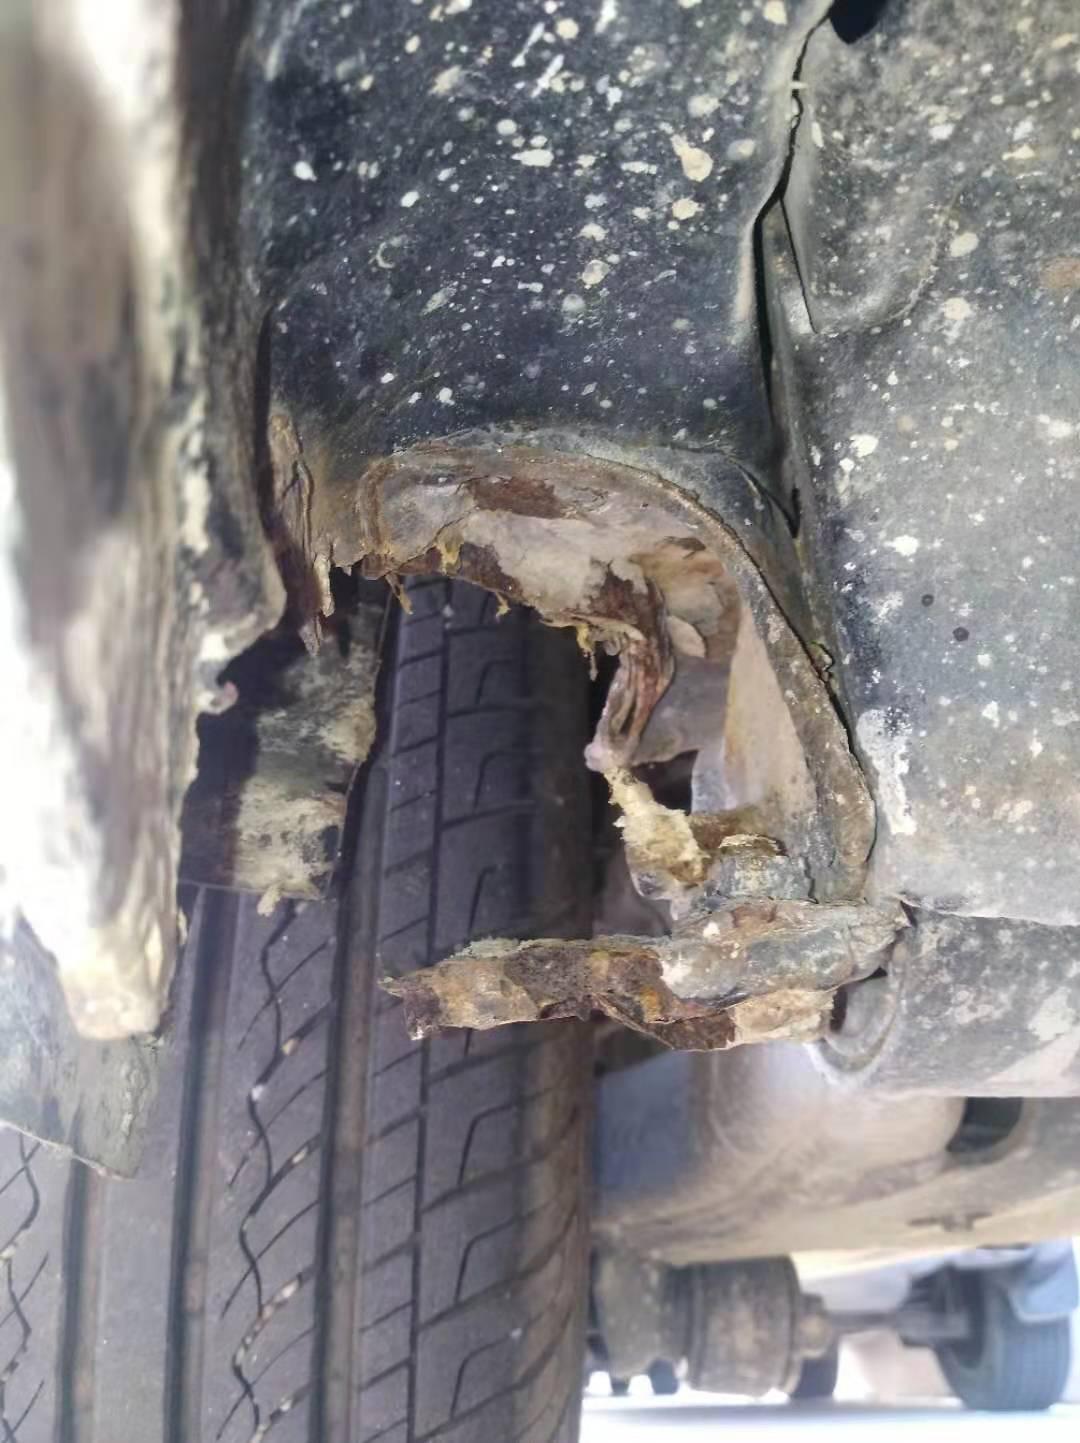 右侧C柱下边梁和车架连接处生锈,已经腐蚀出一个洞